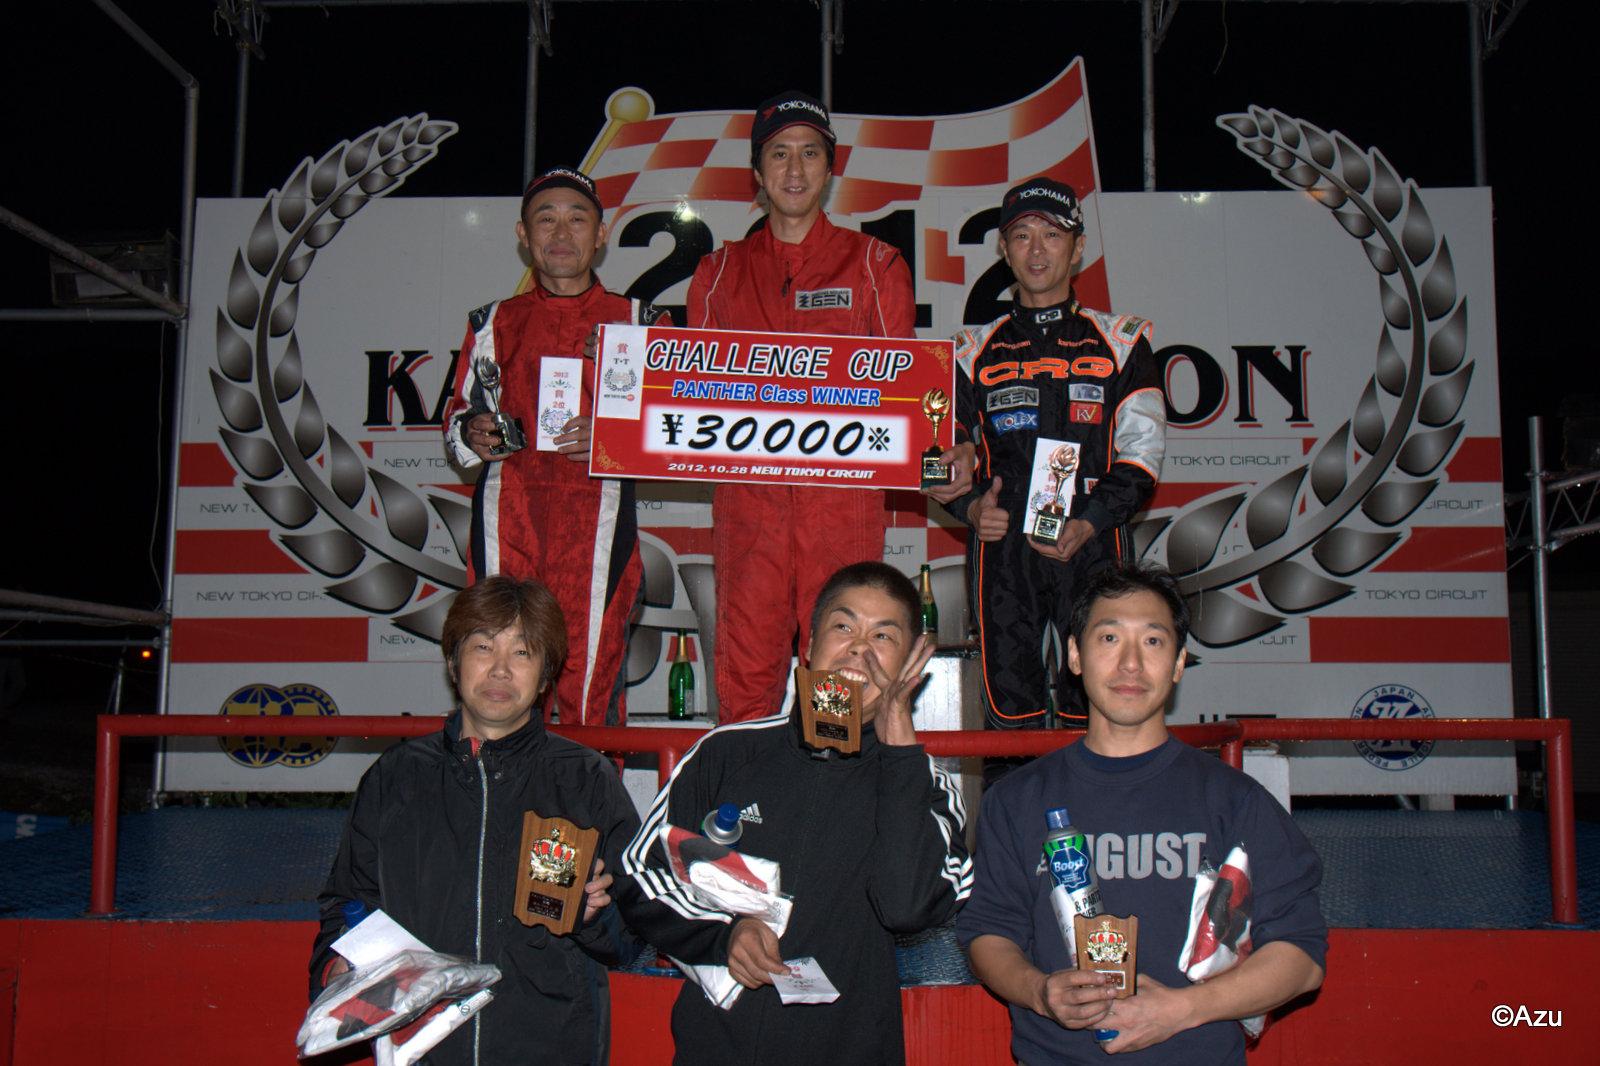 チャレンジカップ第5戦、終了!【2012】_c0224820_18223655.jpg